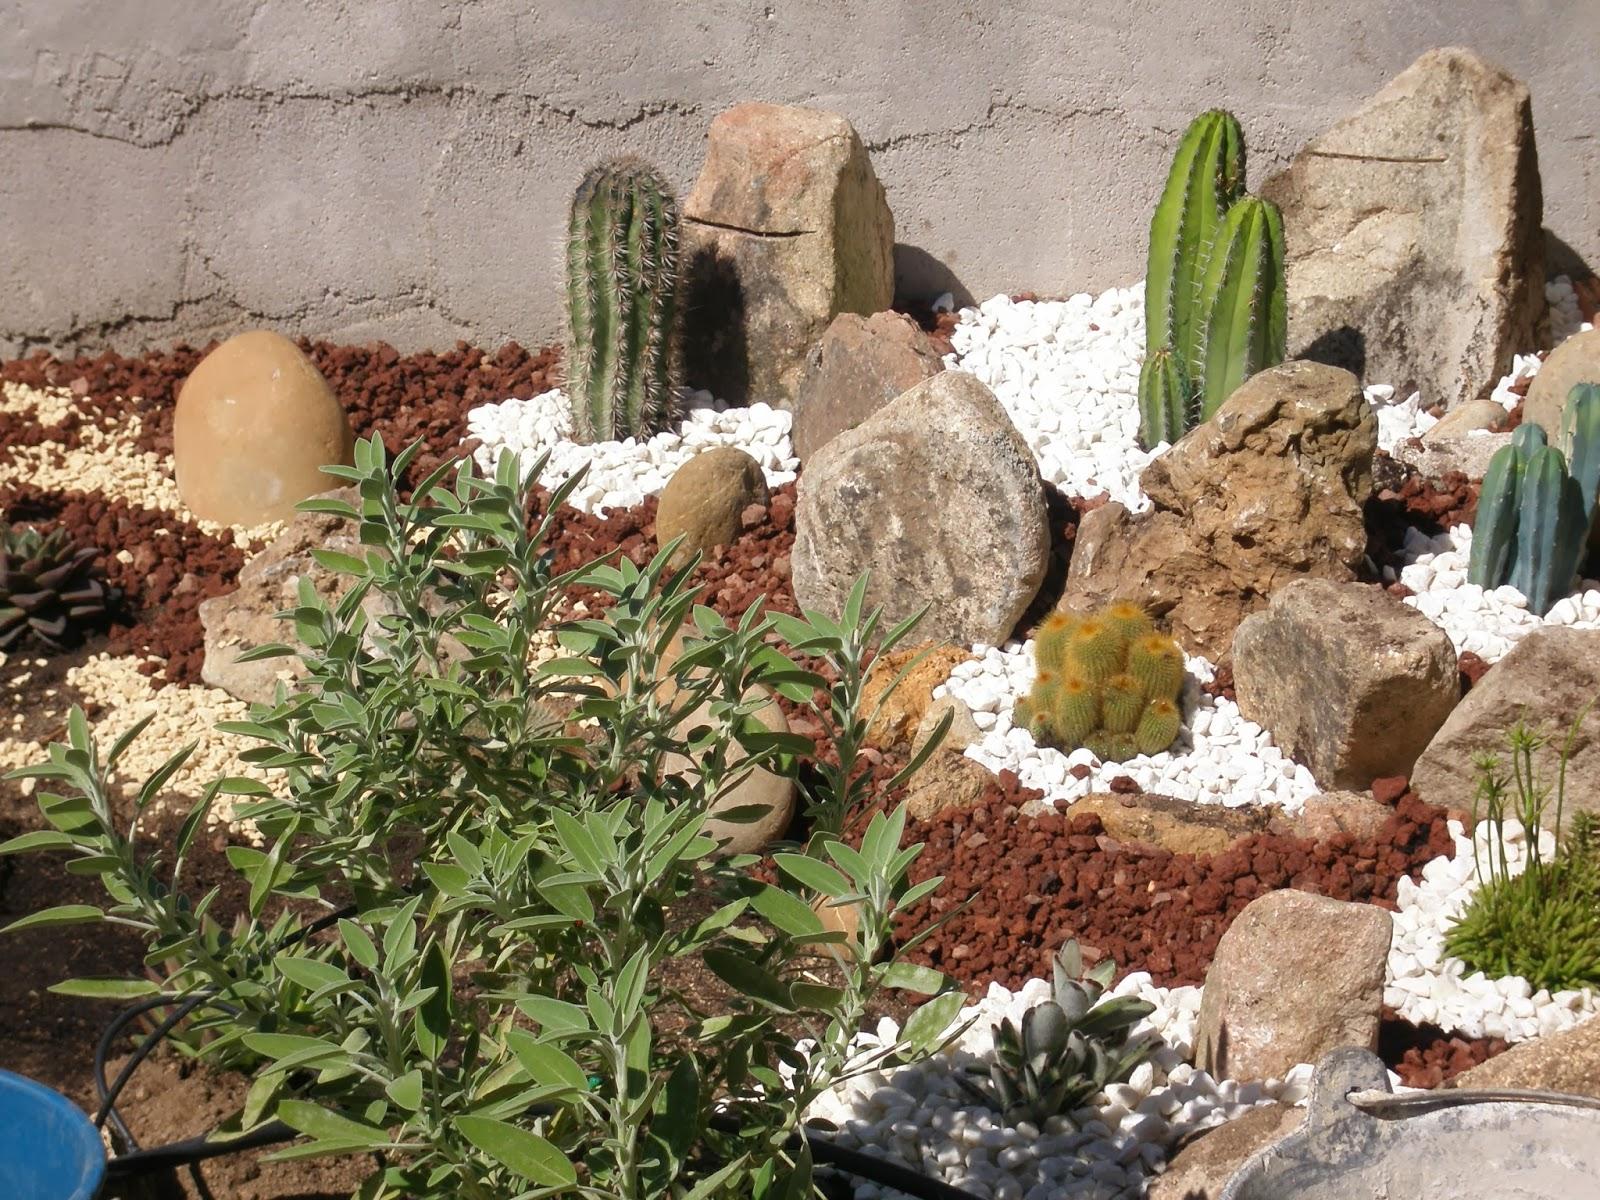 La br jula de los 8 calderos minijard n de cactus en la - Jardines con cactus y piedras ...